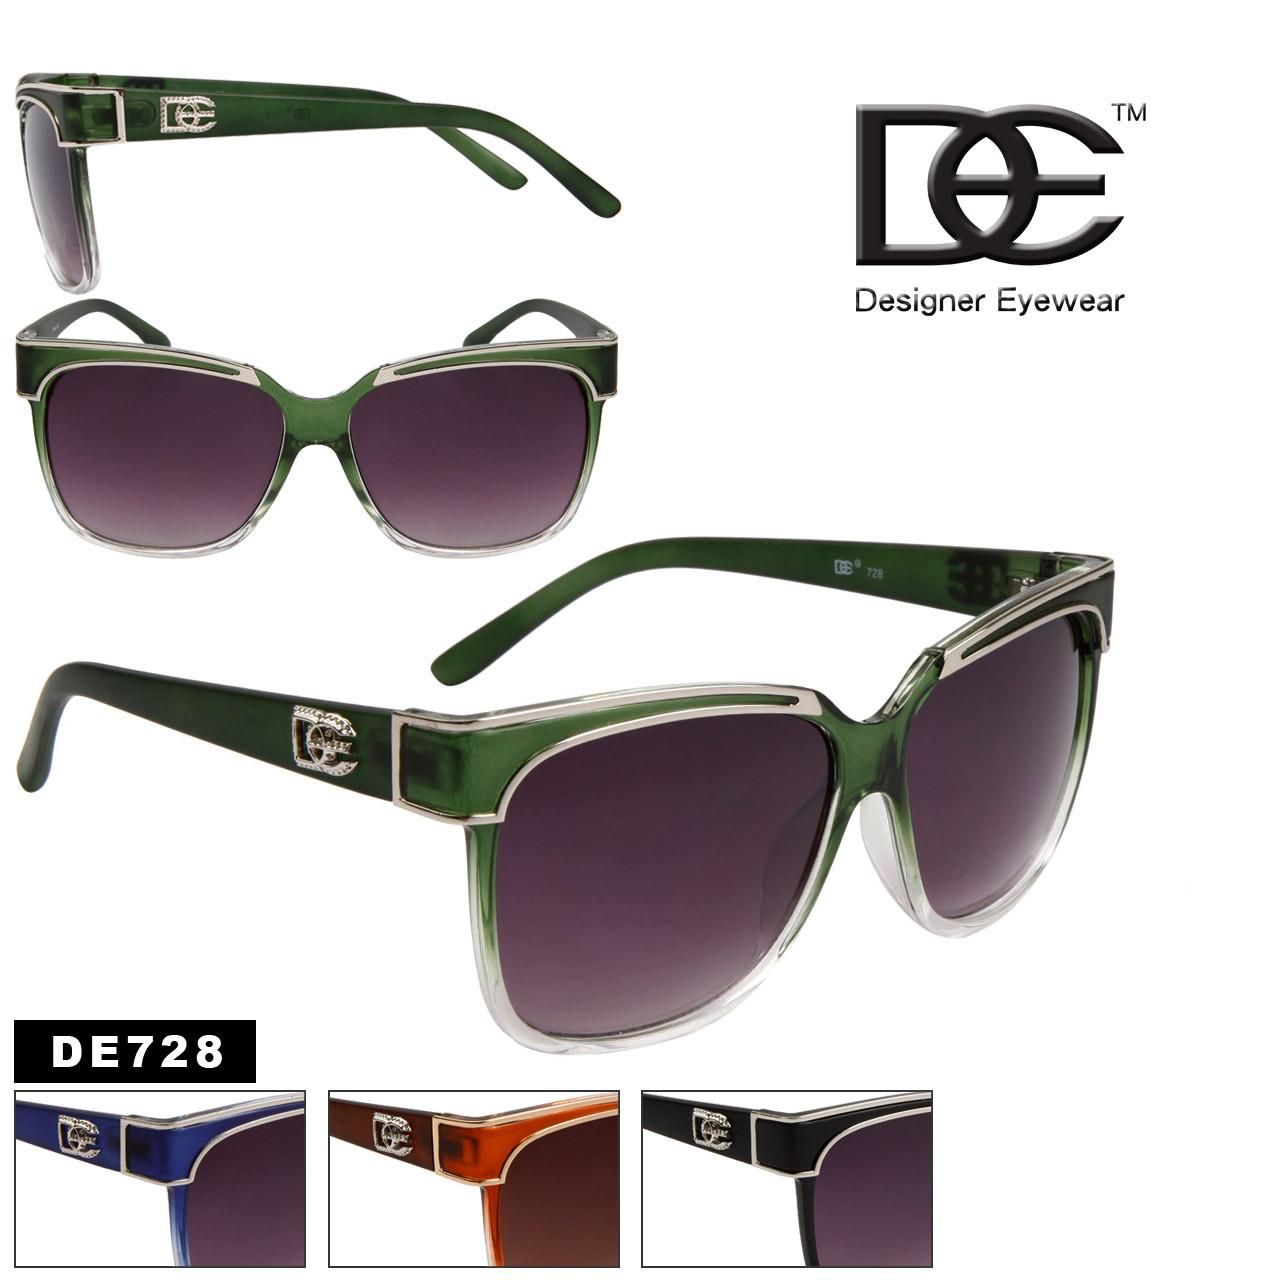 Wholesale DE™ Sunglasses - Style # DE728